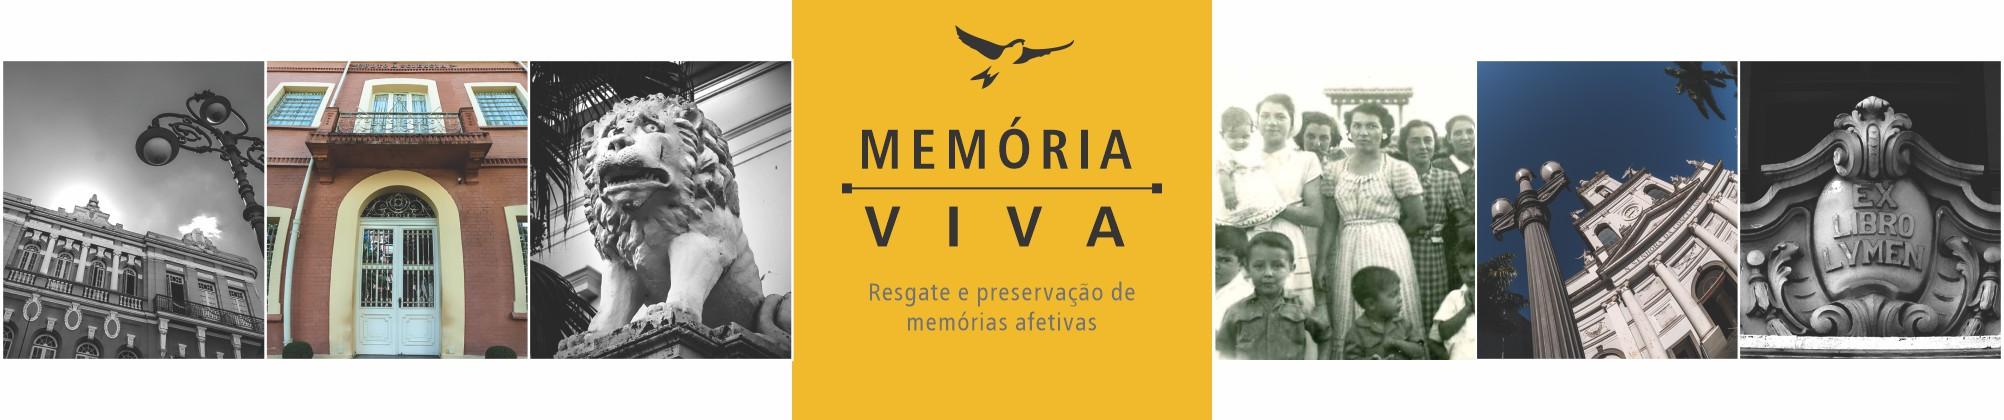 Memória Viva -